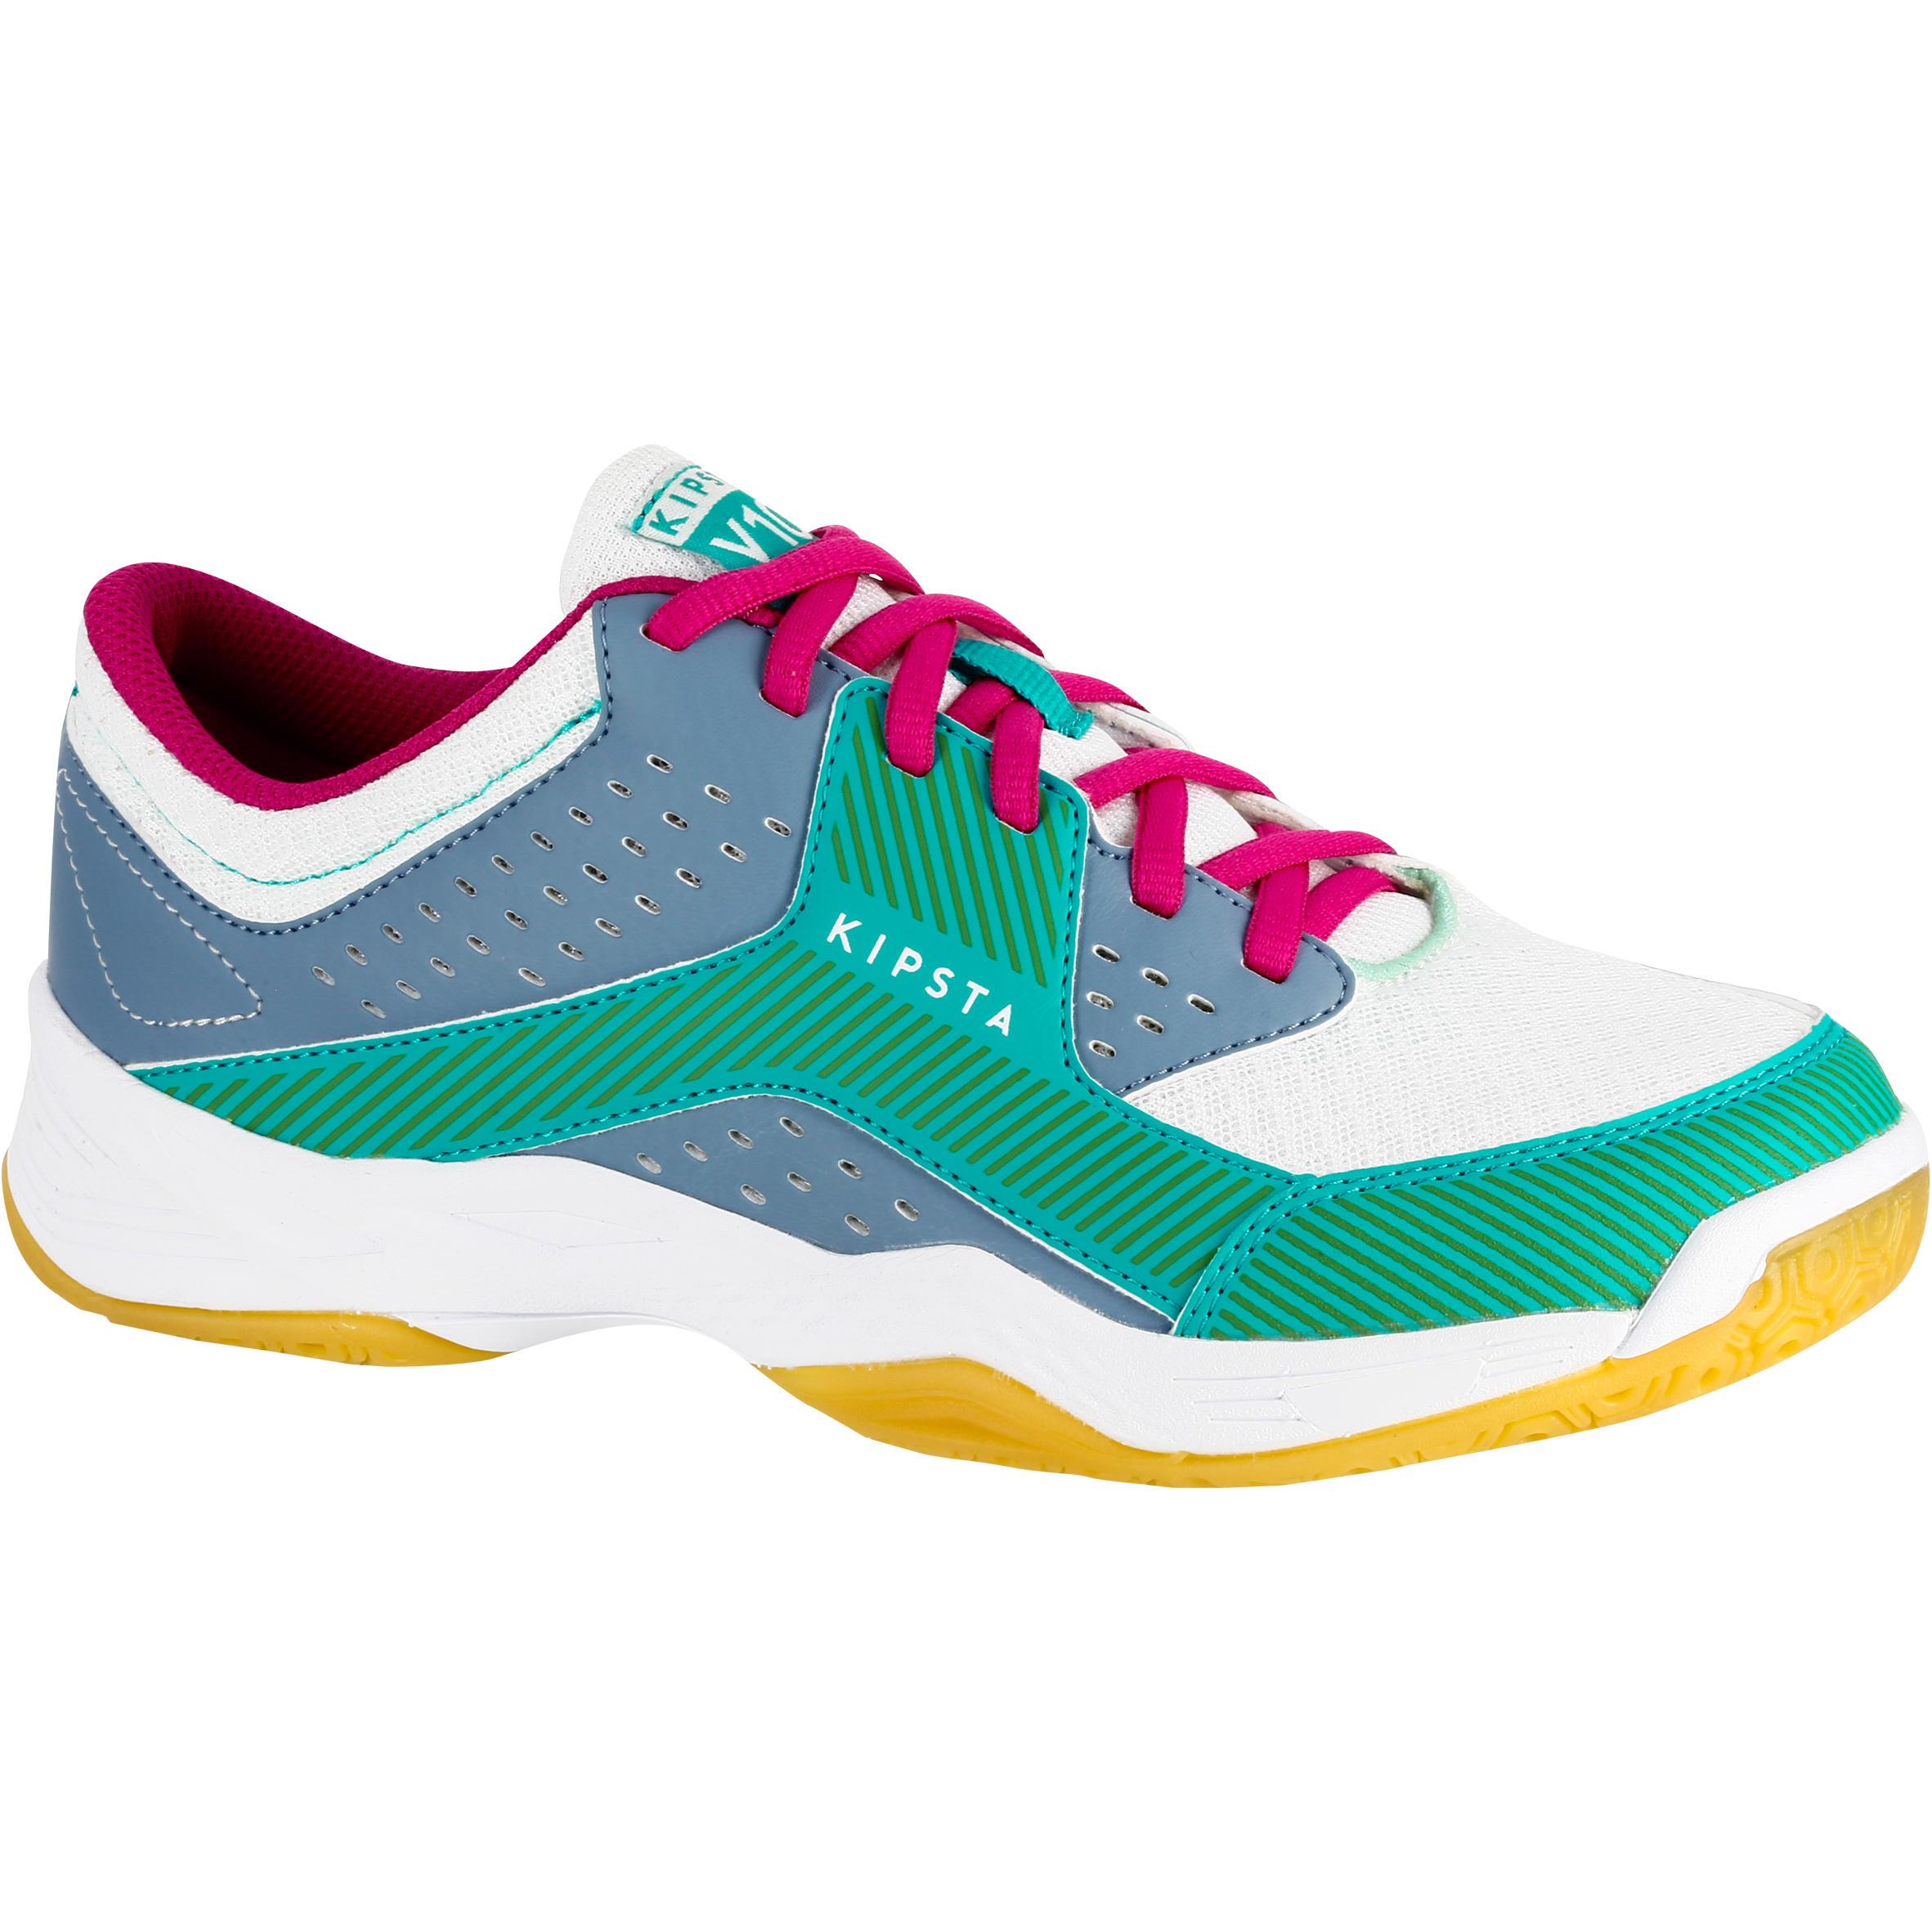 2413661 Kipsta Volleybalschoenen V100 voor volwassenen